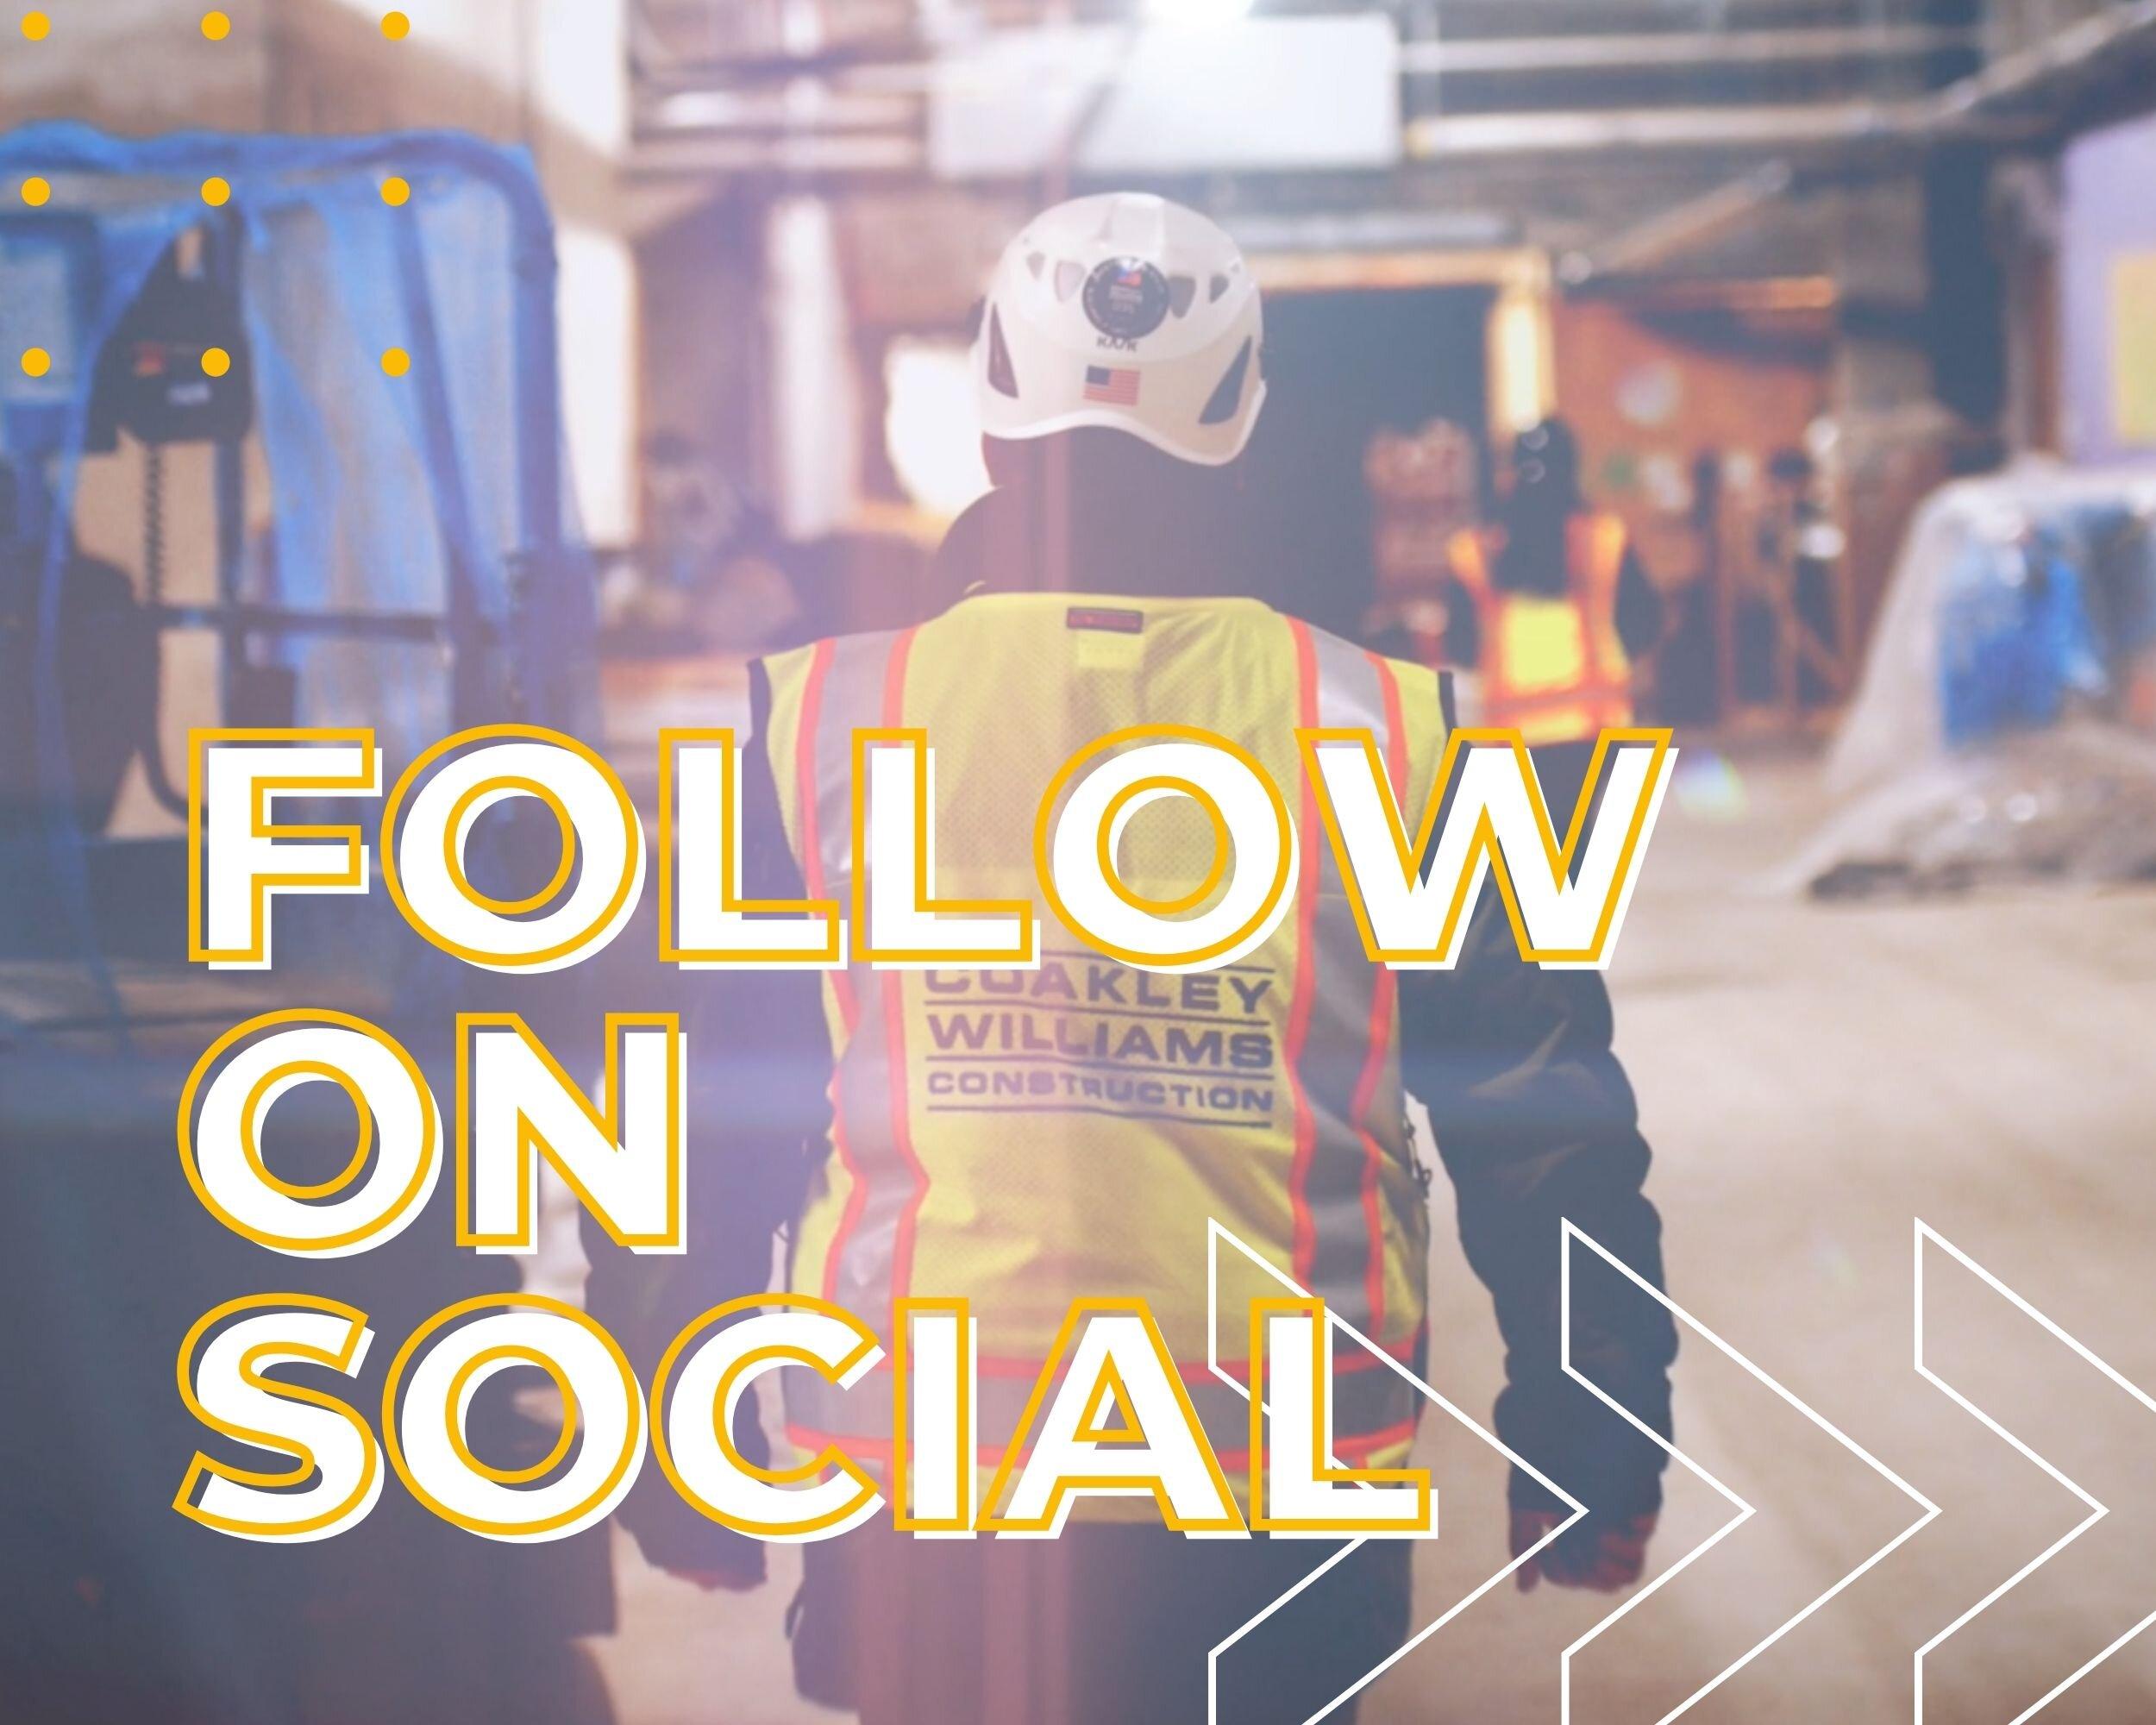 Follow on Social Media